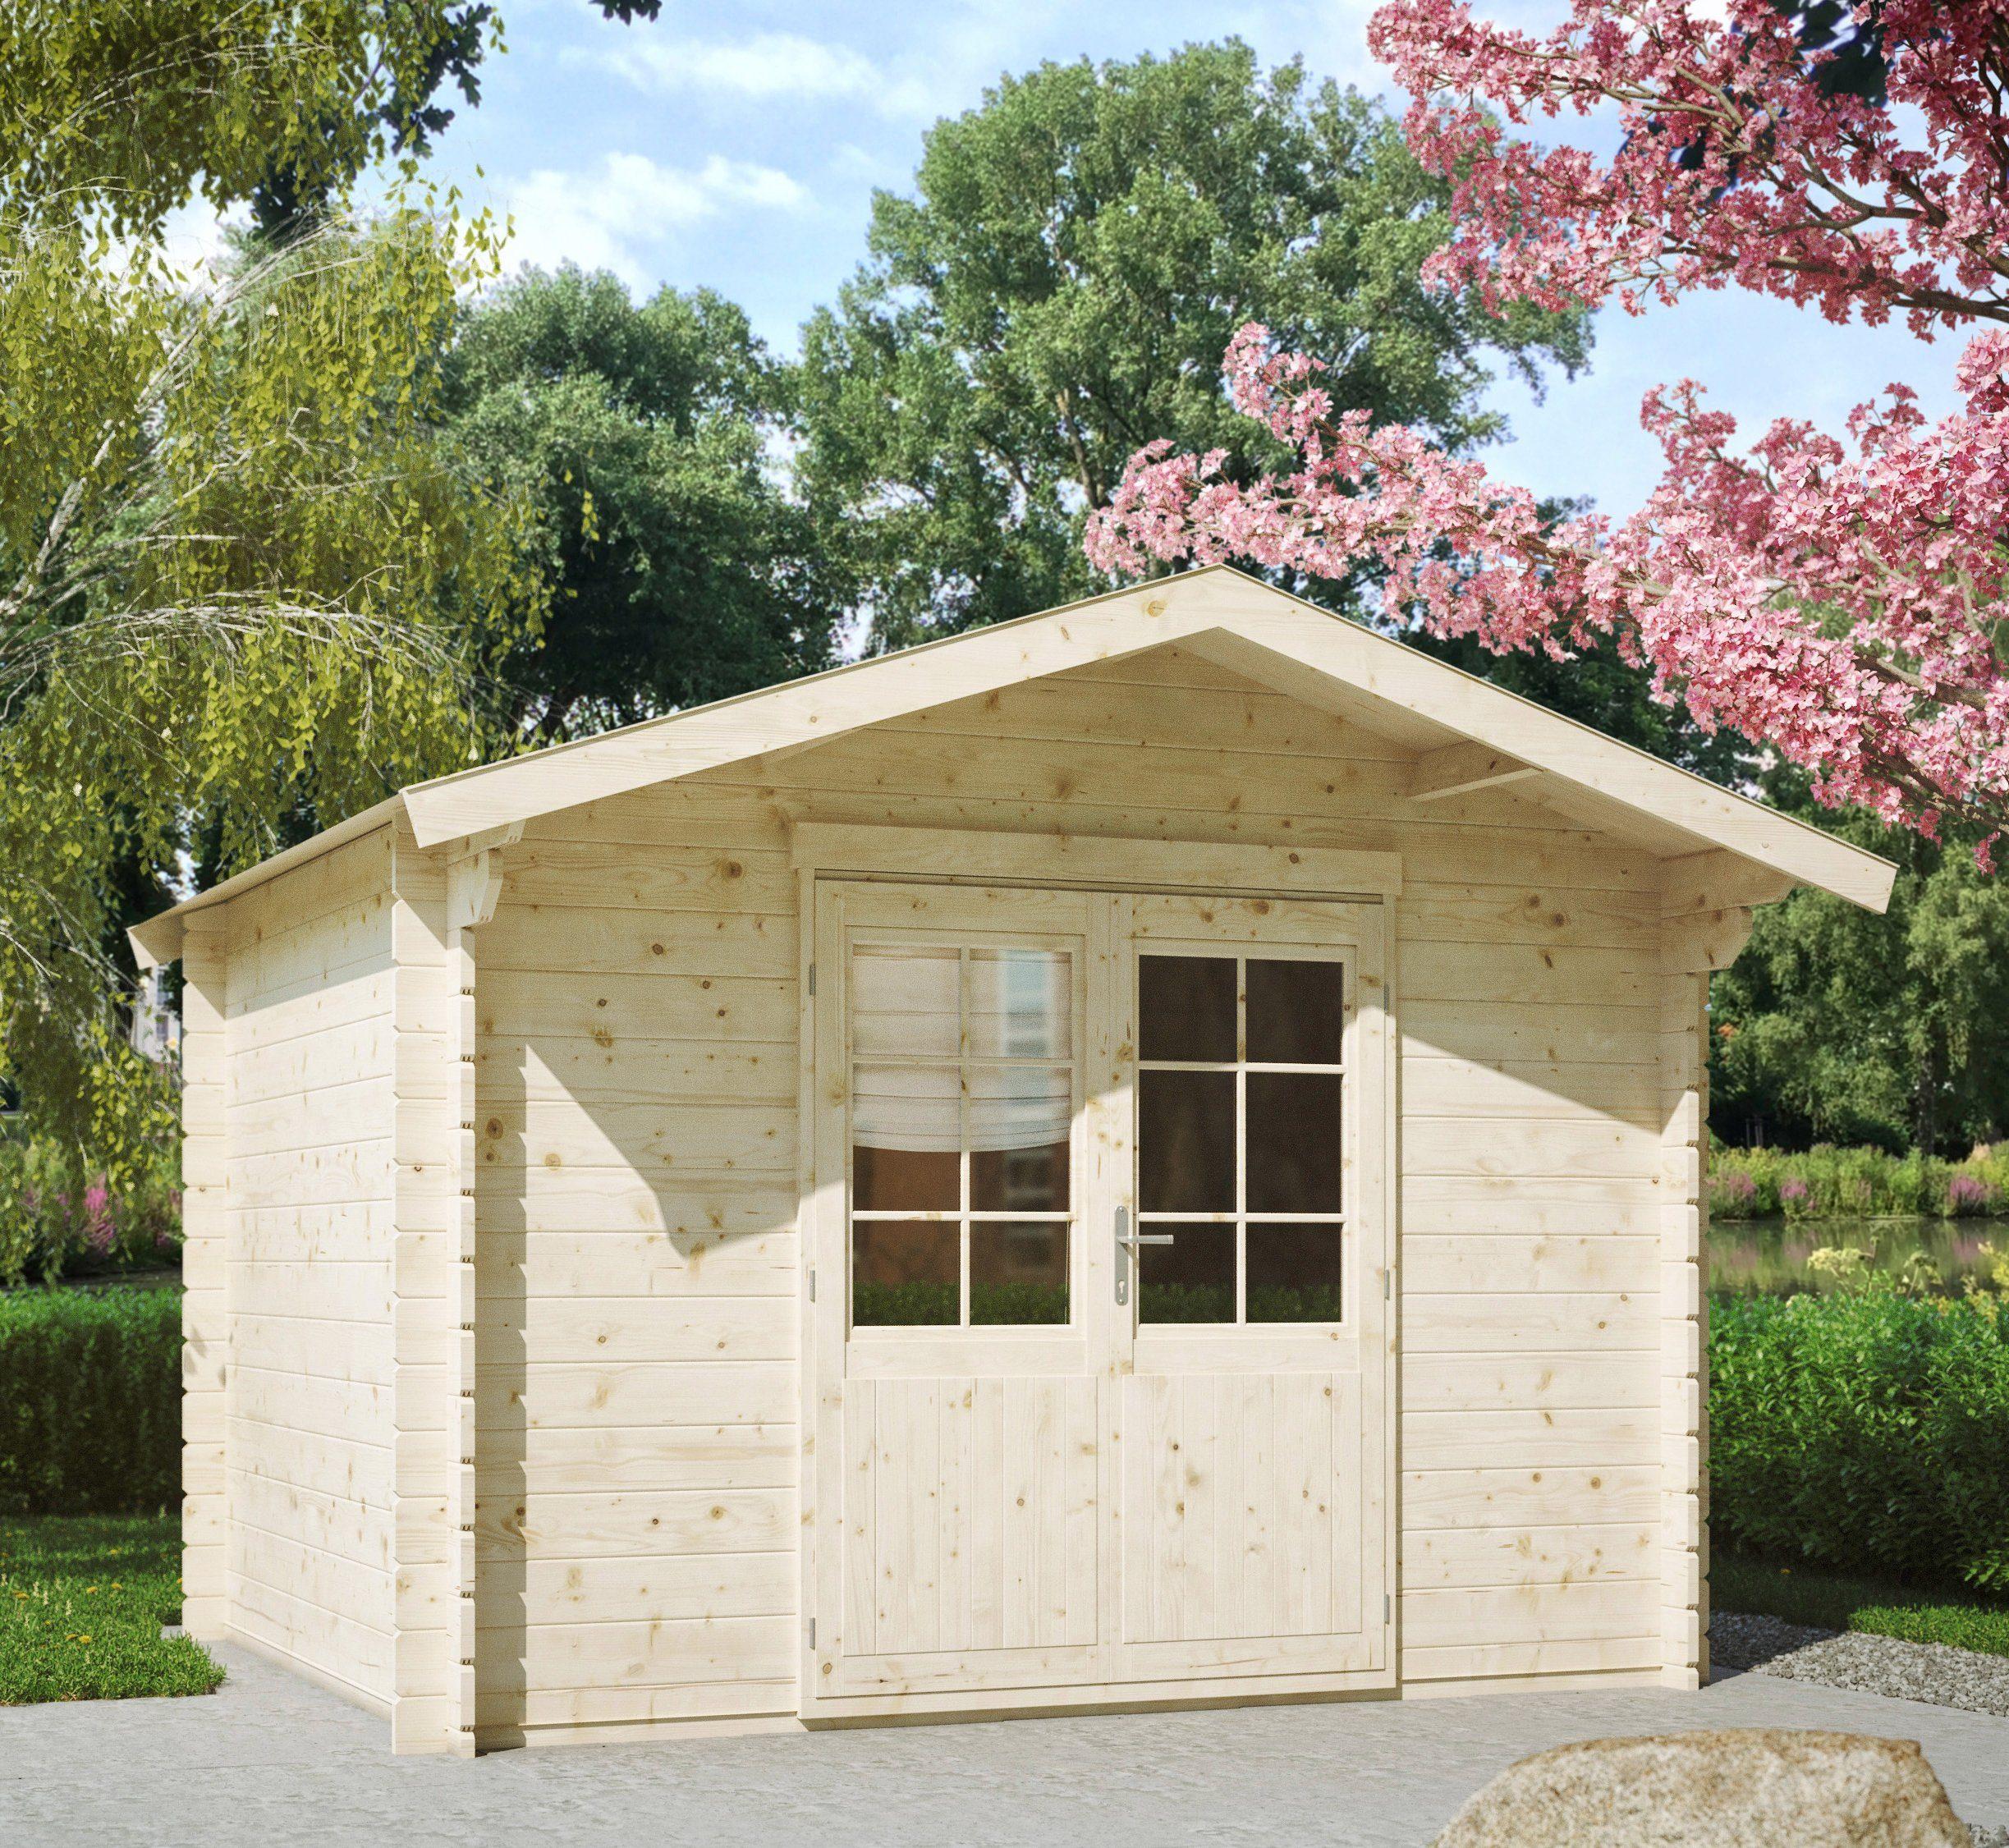 LUOMAN Gartenhaus »Kanada 1/28«, BxT: 350x296 cm, inkl. Aufbau und Fußboden, 28 mm Wandstärke